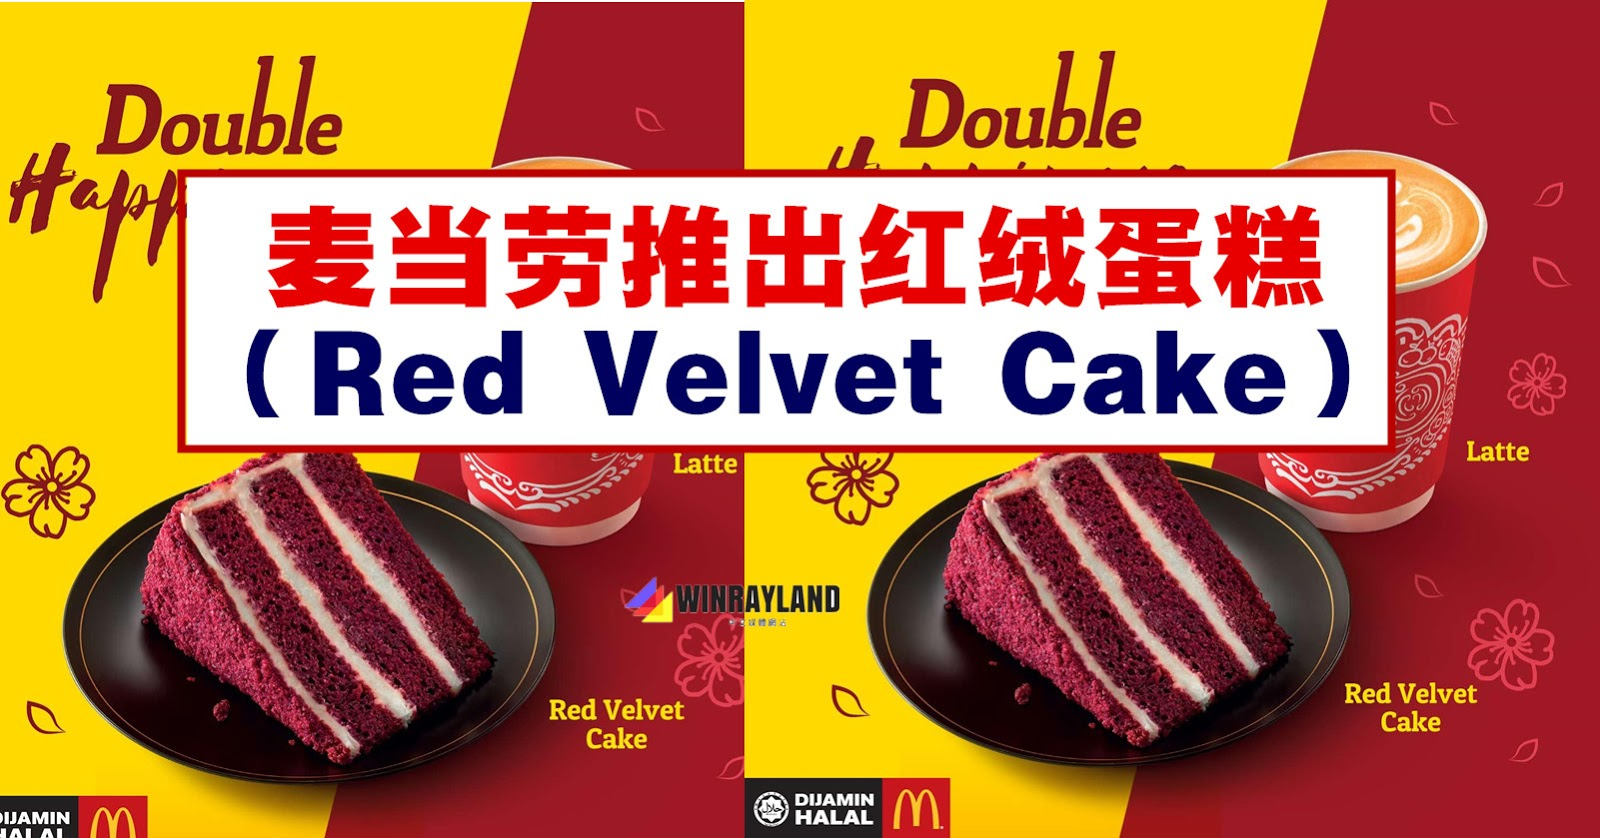 麦当劳推出红绒蛋糕(Red Velvet Cake)